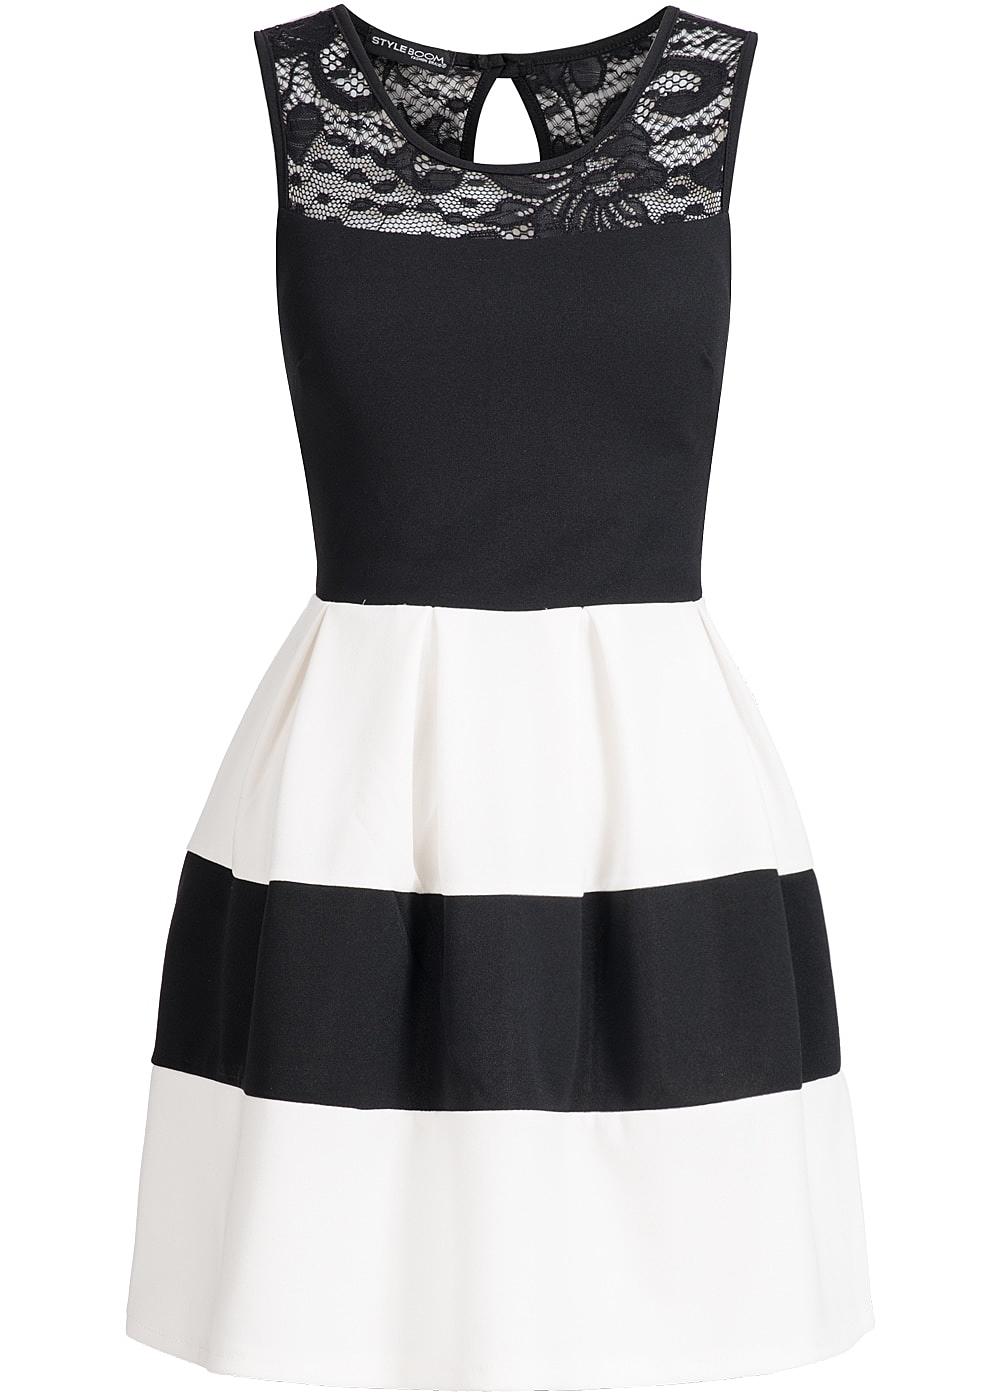 Kleid grau schwarz gestreift